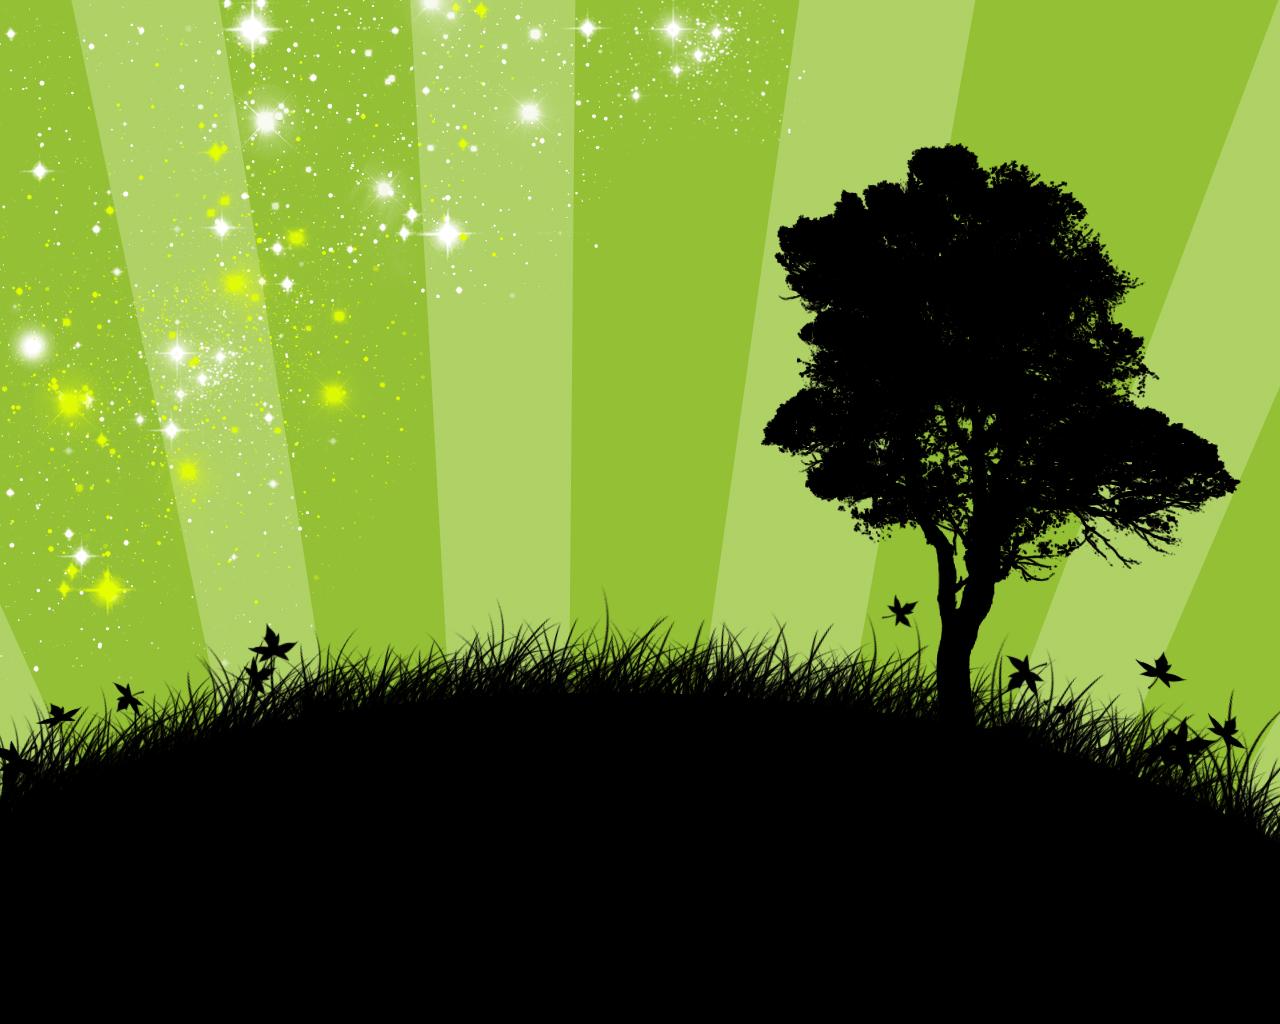 http://1.bp.blogspot.com/-jIeIJ6GJI_4/UE9e7r_7RkI/AAAAAAAAARo/vN0a4xtZIdg/s1600/Green_Wallpaper_by_LuckyHRE.jpg